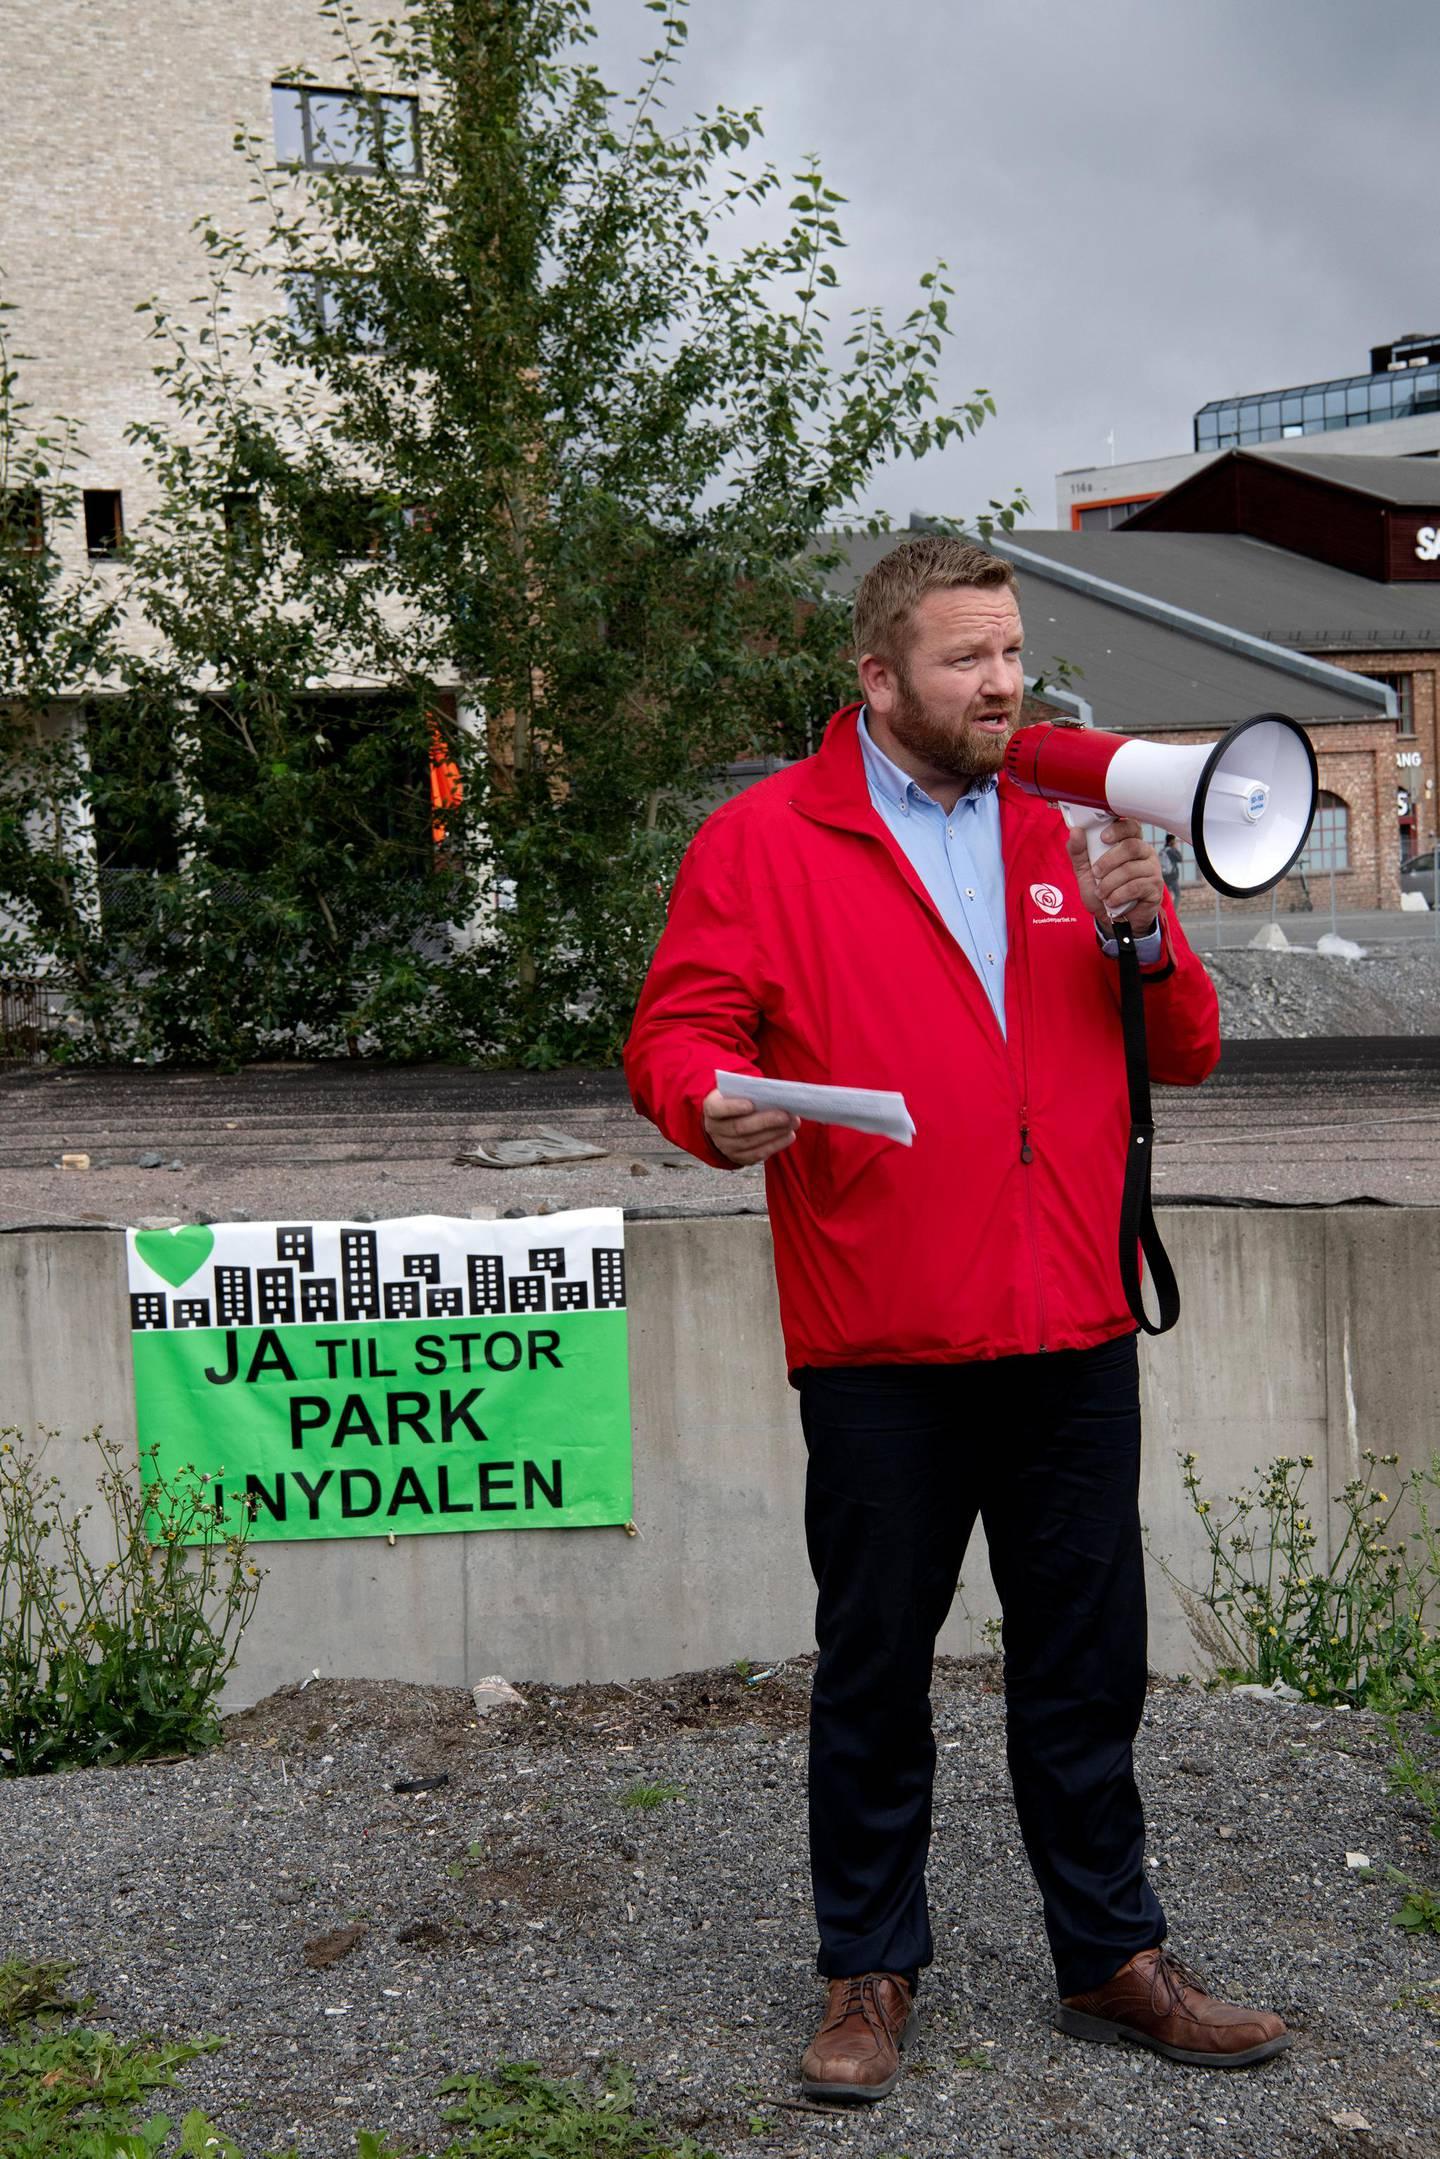 """Ja Til Park i Nydalen inviterer til lunsj i det """"grønne"""" med sentrale politiske partier i Oslo om opprettelse av park i Nydalen.   Leder i byutviklingskomiteen og fra Oslo Arbeiderpartii: Anders Røberg-Larsen."""